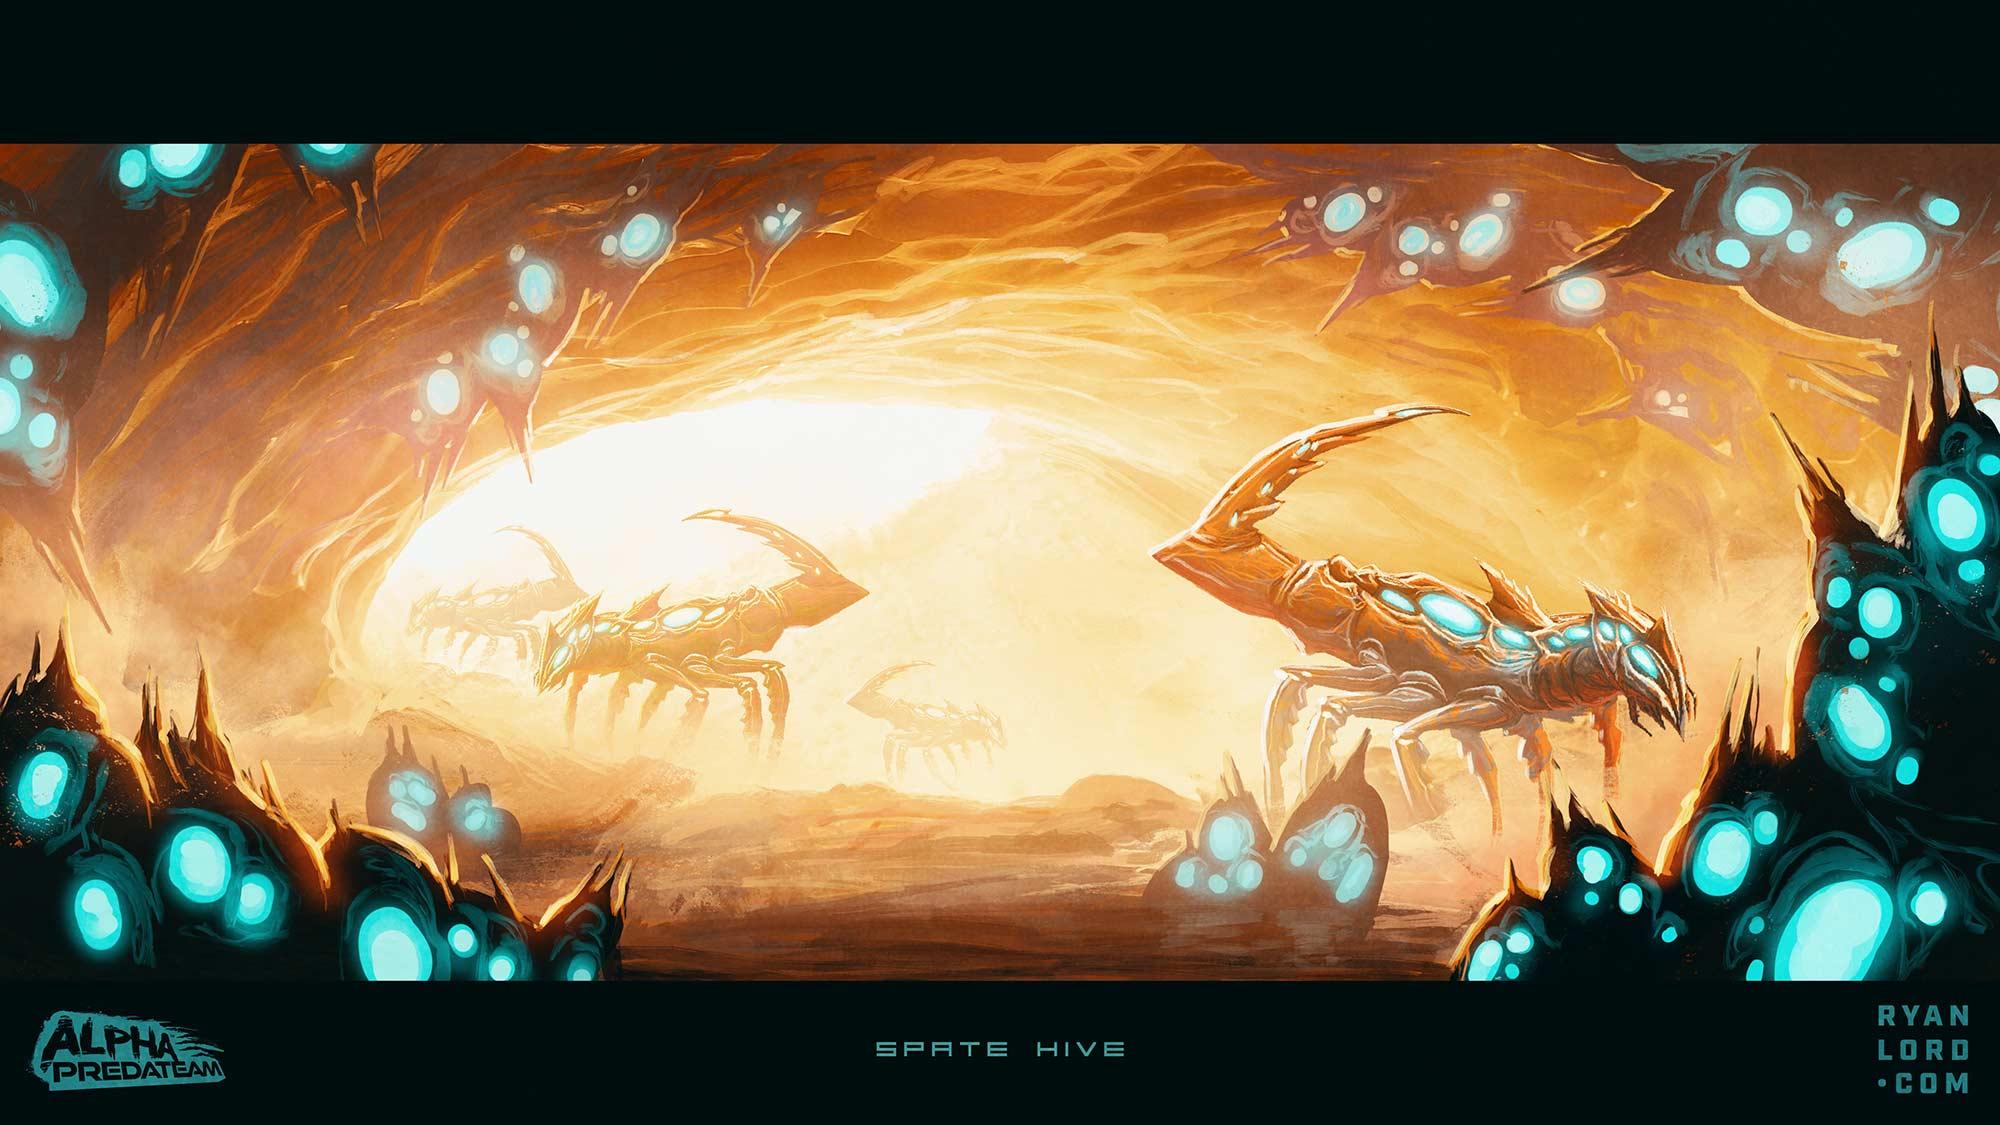 Spite Hive